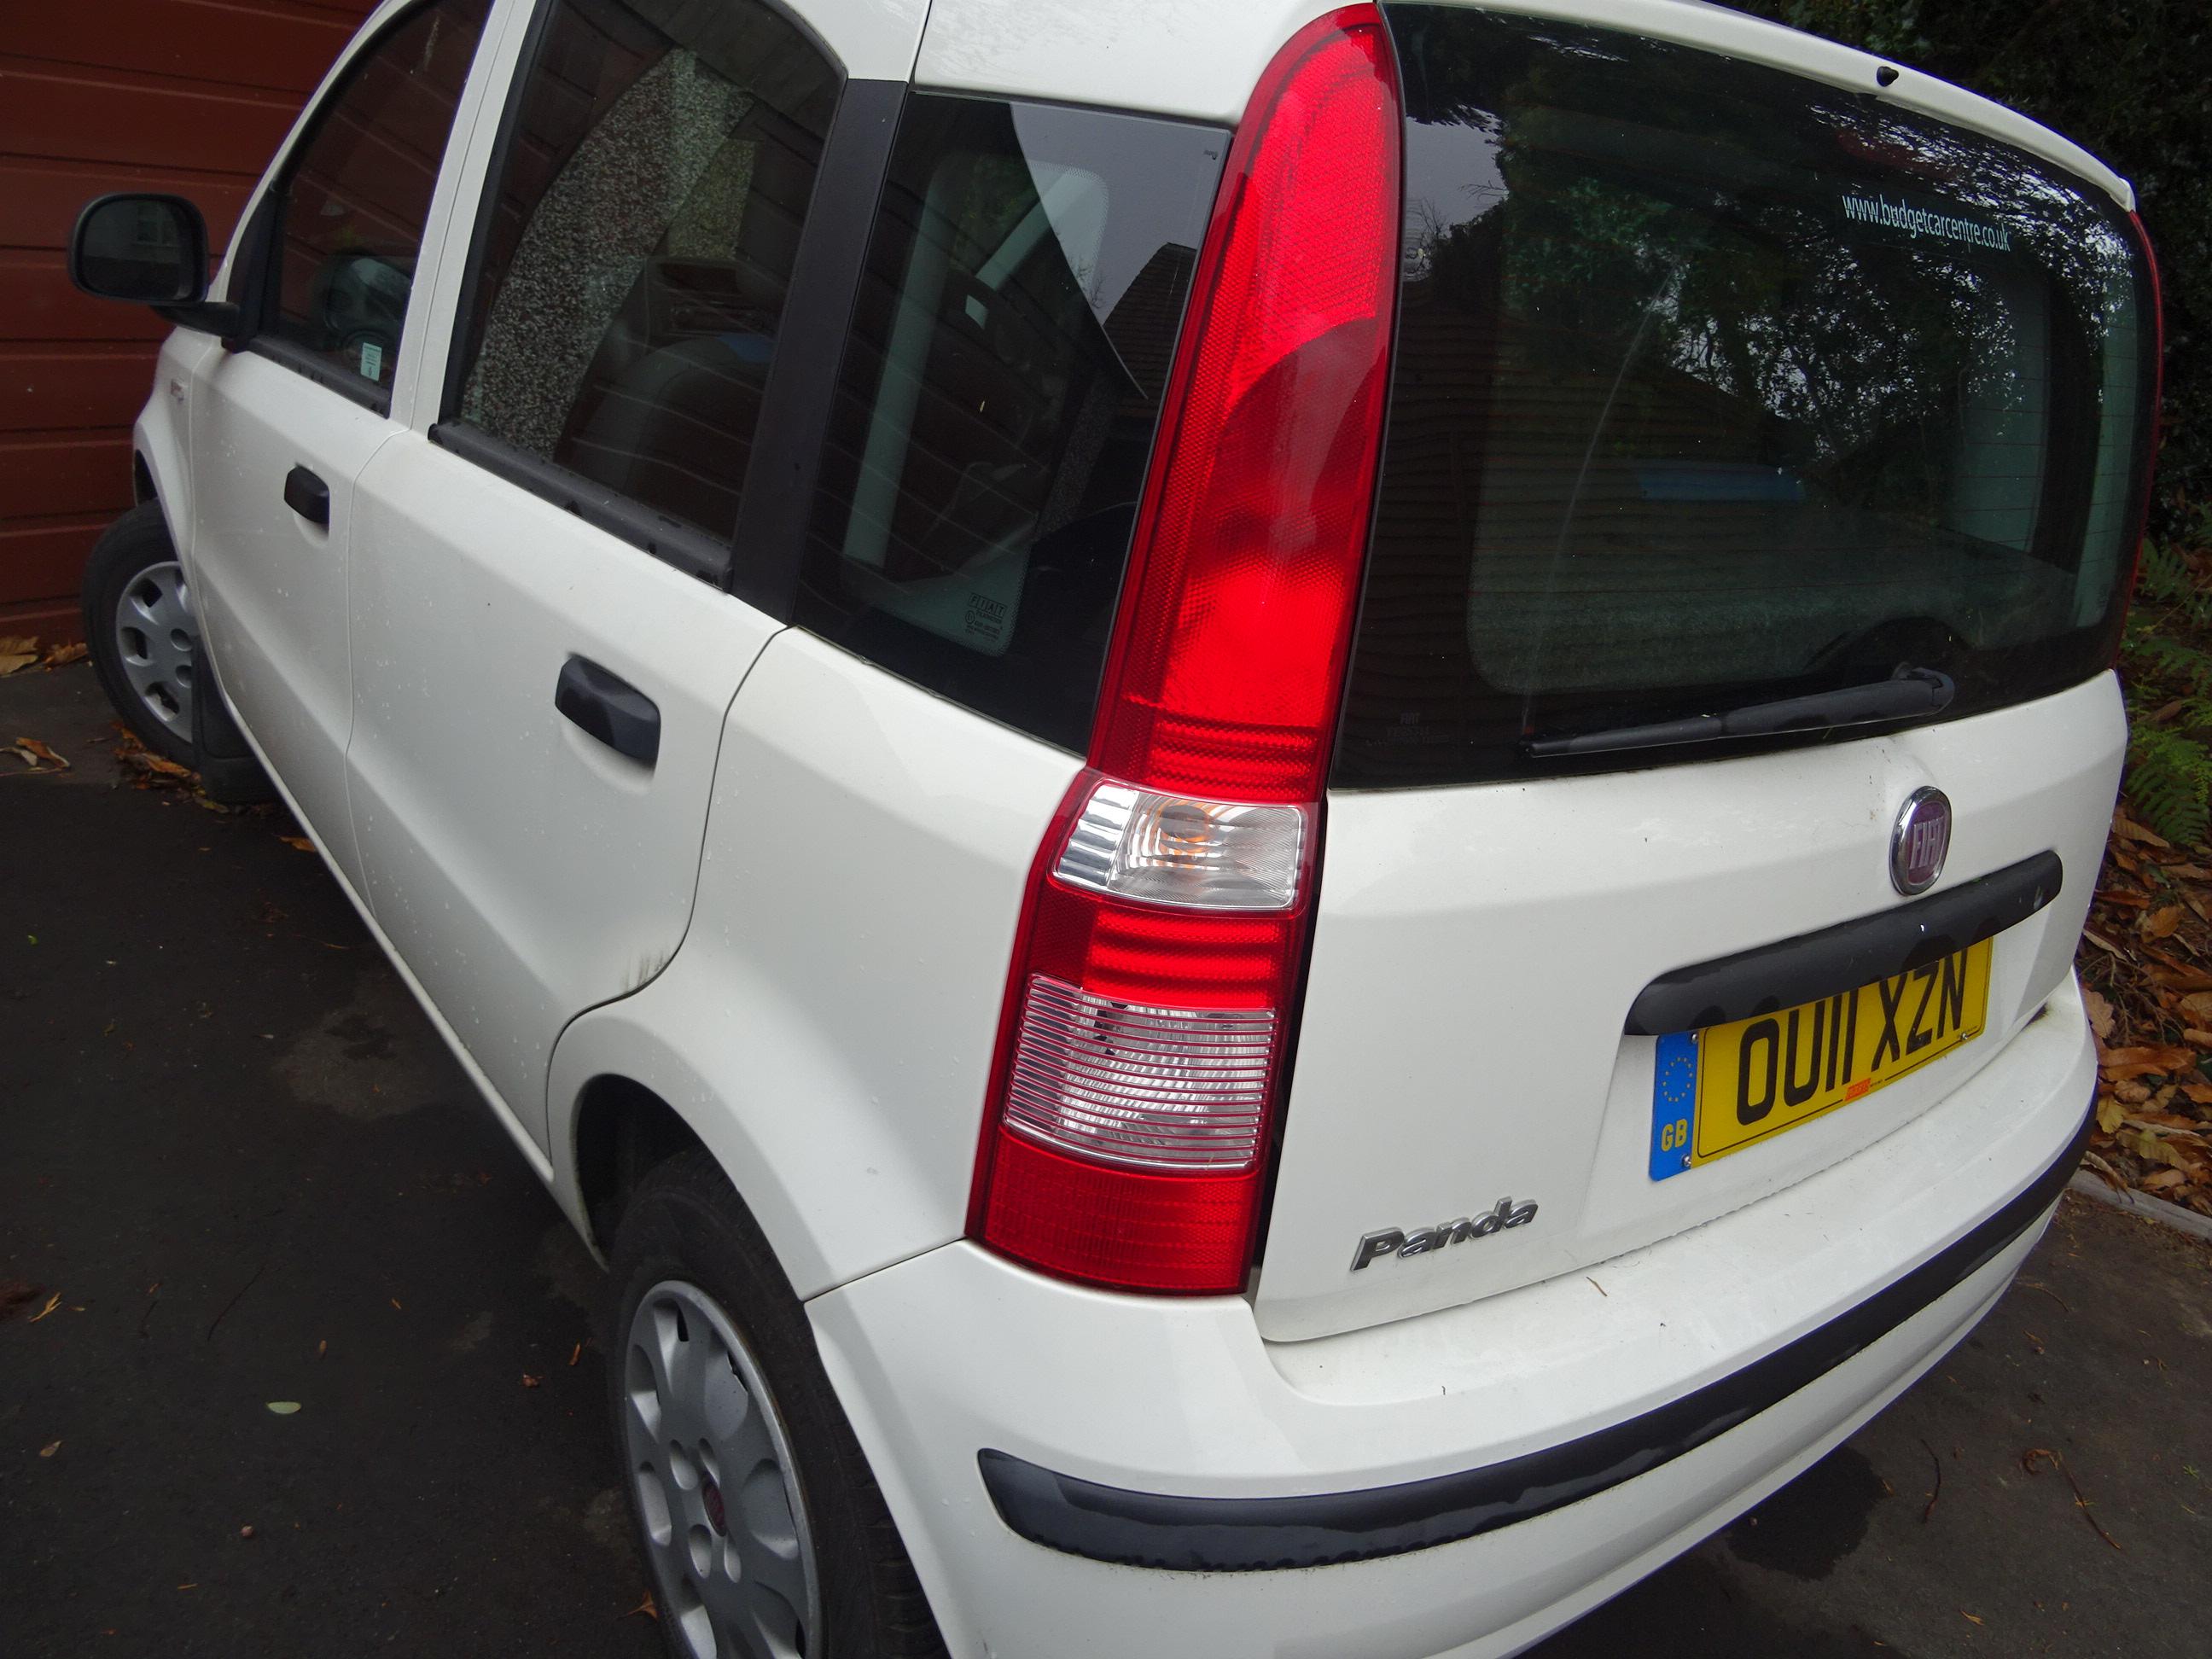 Fiat Panda 1.2 Active 5 door 2011 11, 44000 miles